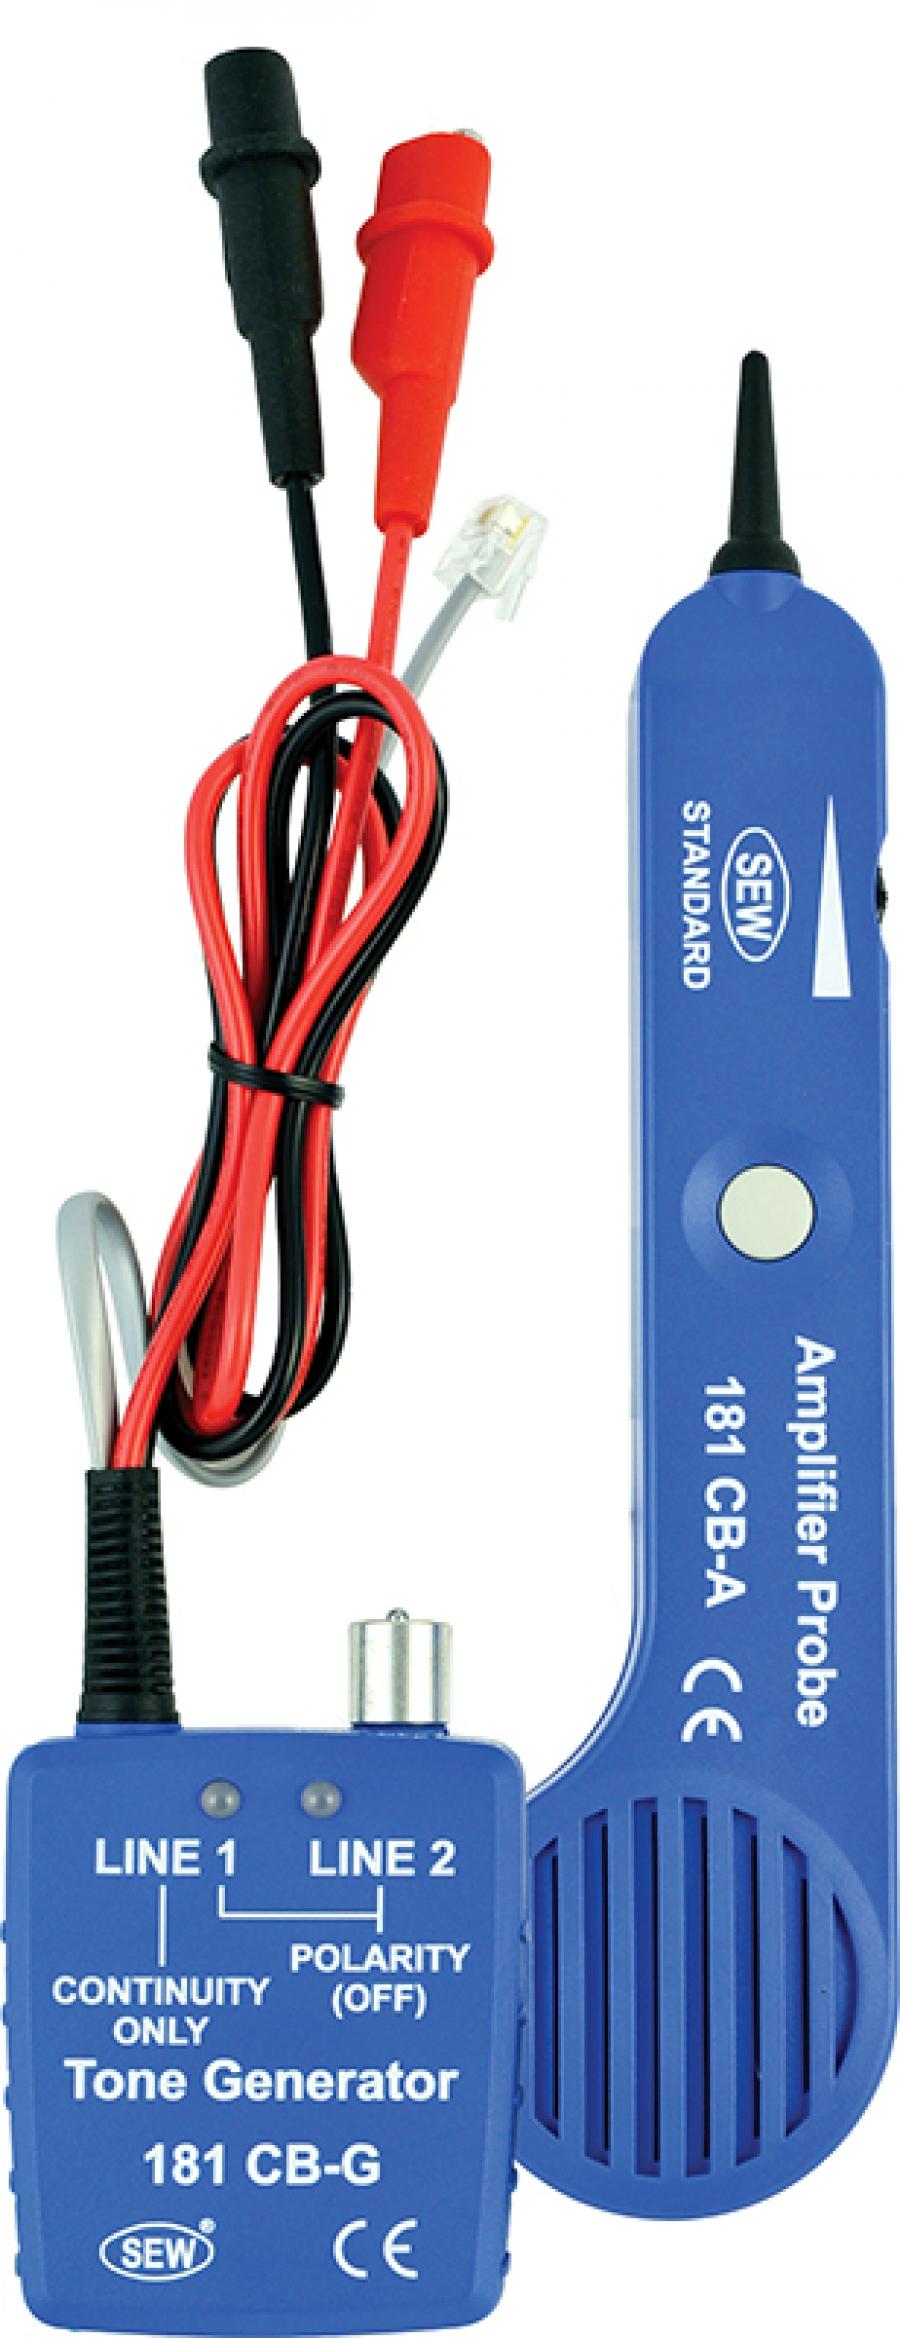 Прибор для прозвонки проводов